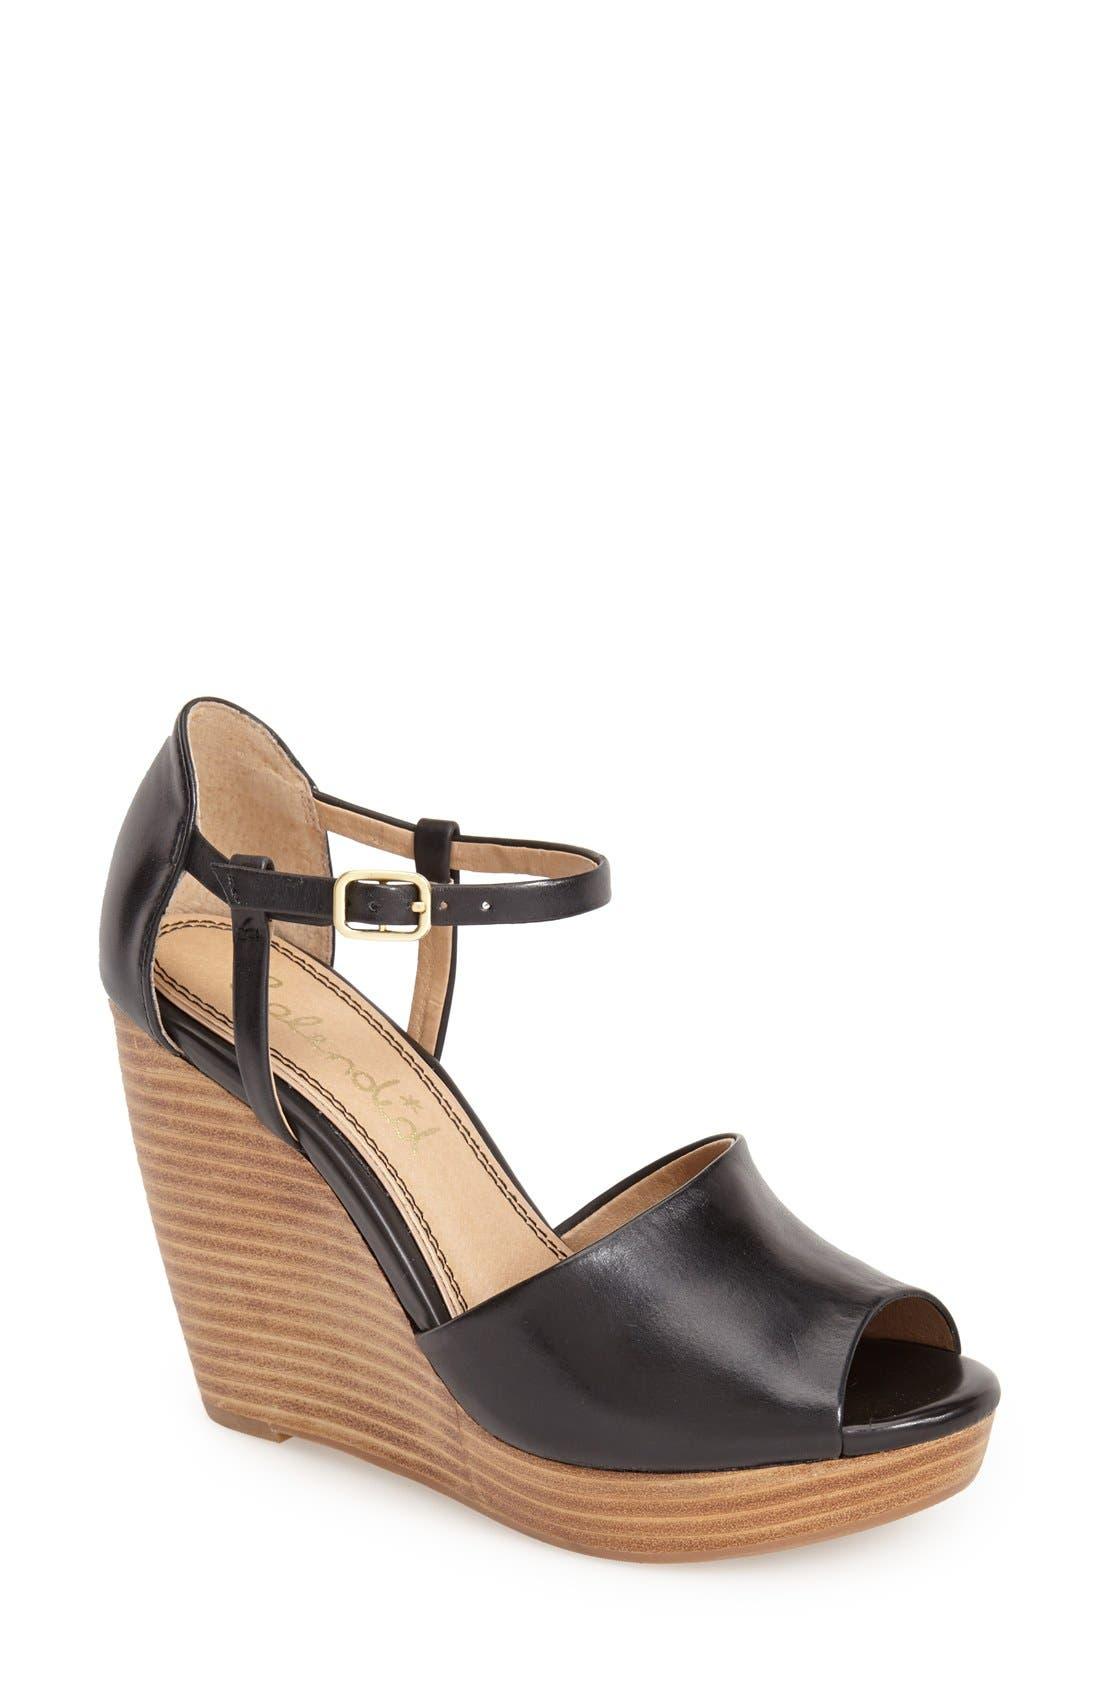 Alternate Image 1 Selected - Splendid 'Davie' Leather Ankle Strap Wedge Sandal (Women)